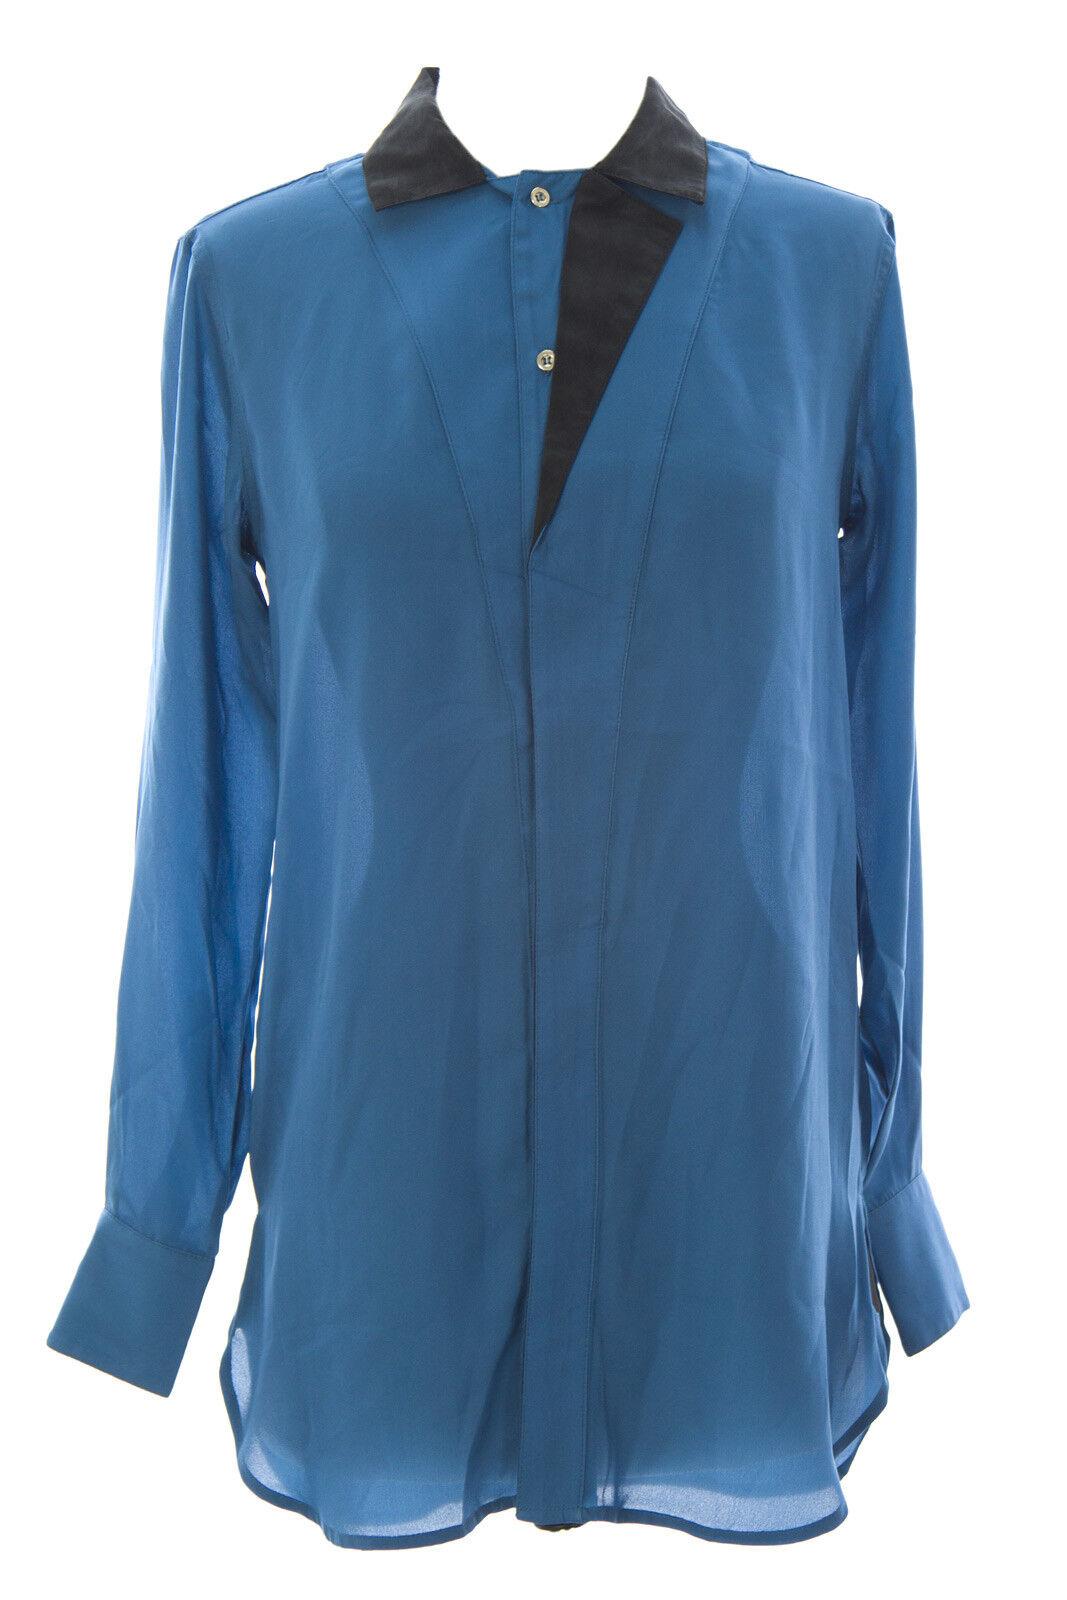 Oberfläche zu Luft Damen Mitternacht Blau Jessie Shirt Neu